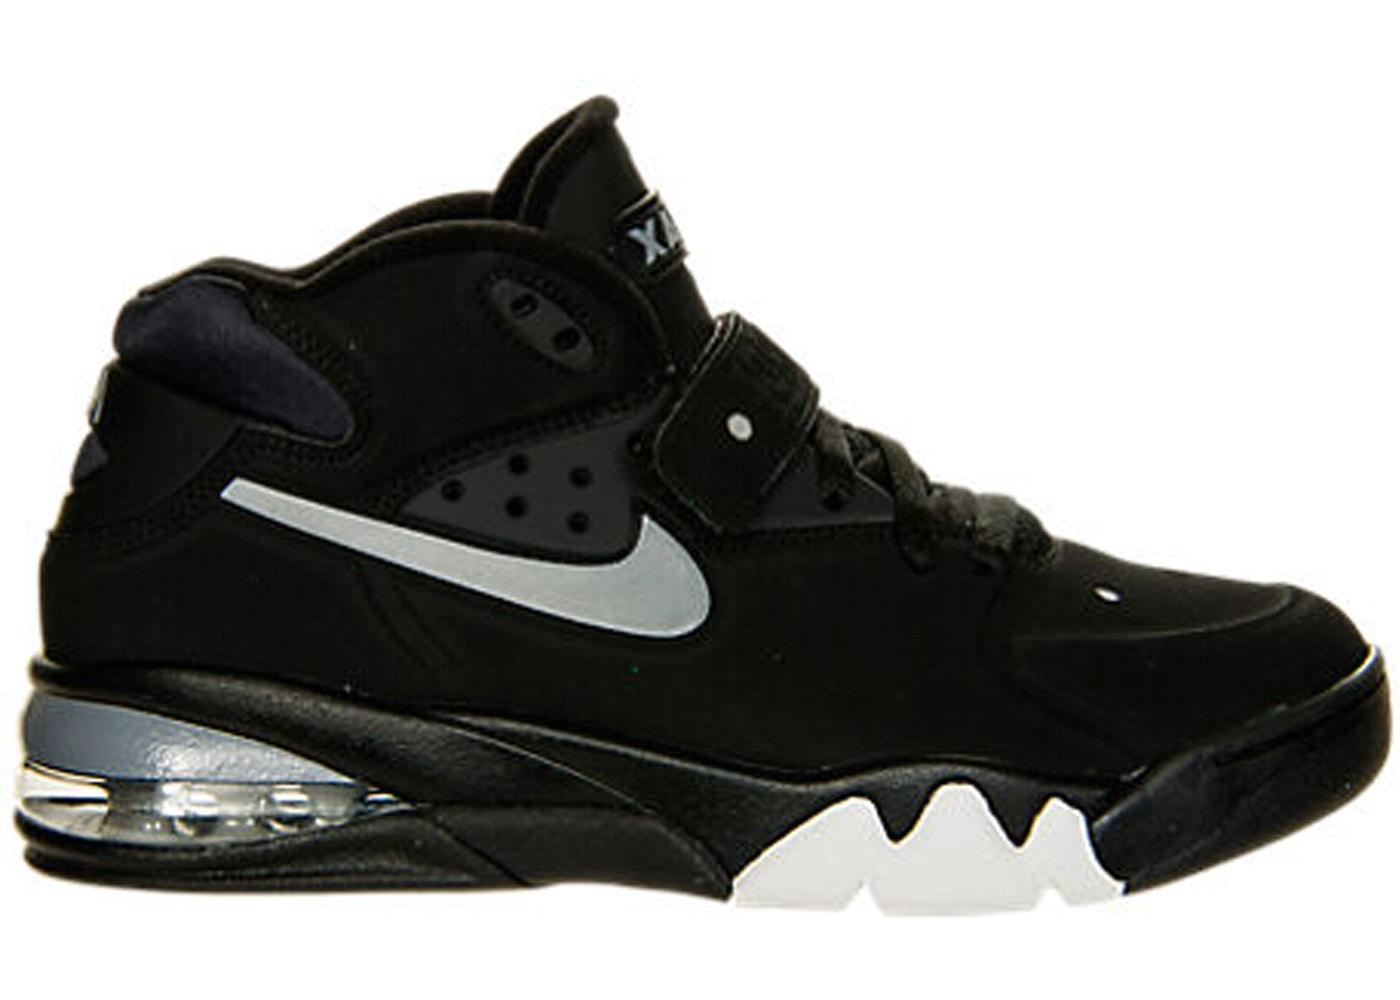 Air Force Max 2013 Black Cool Grey